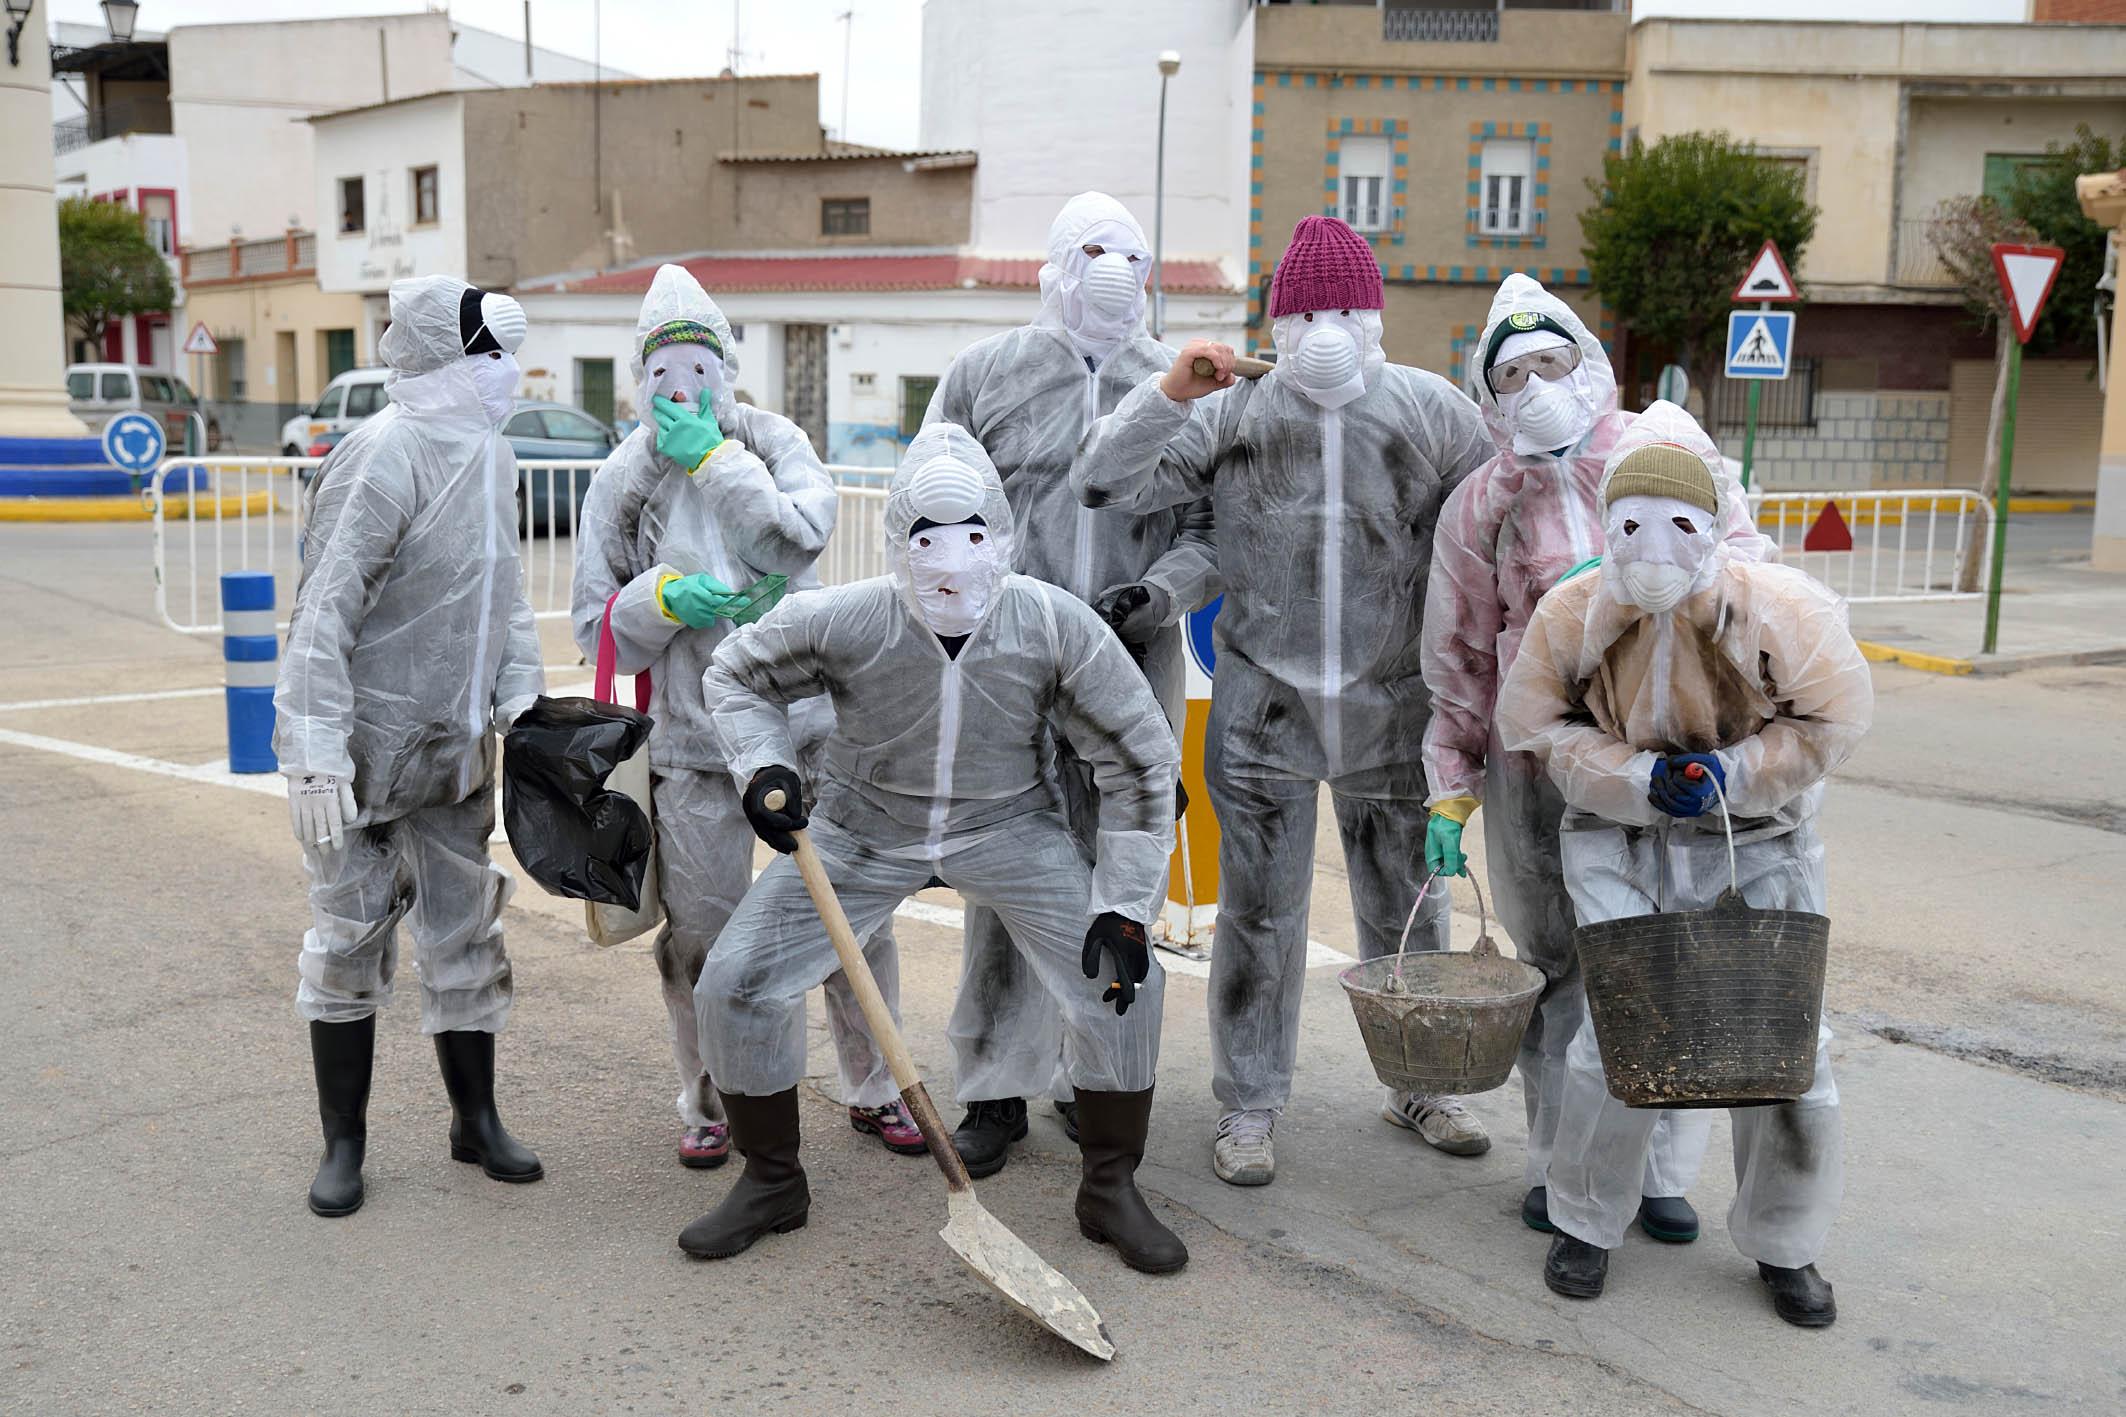 Lo absurdo y la originalidad se han dado cita en el día de la máscara callejera de Argamasilla de Alba